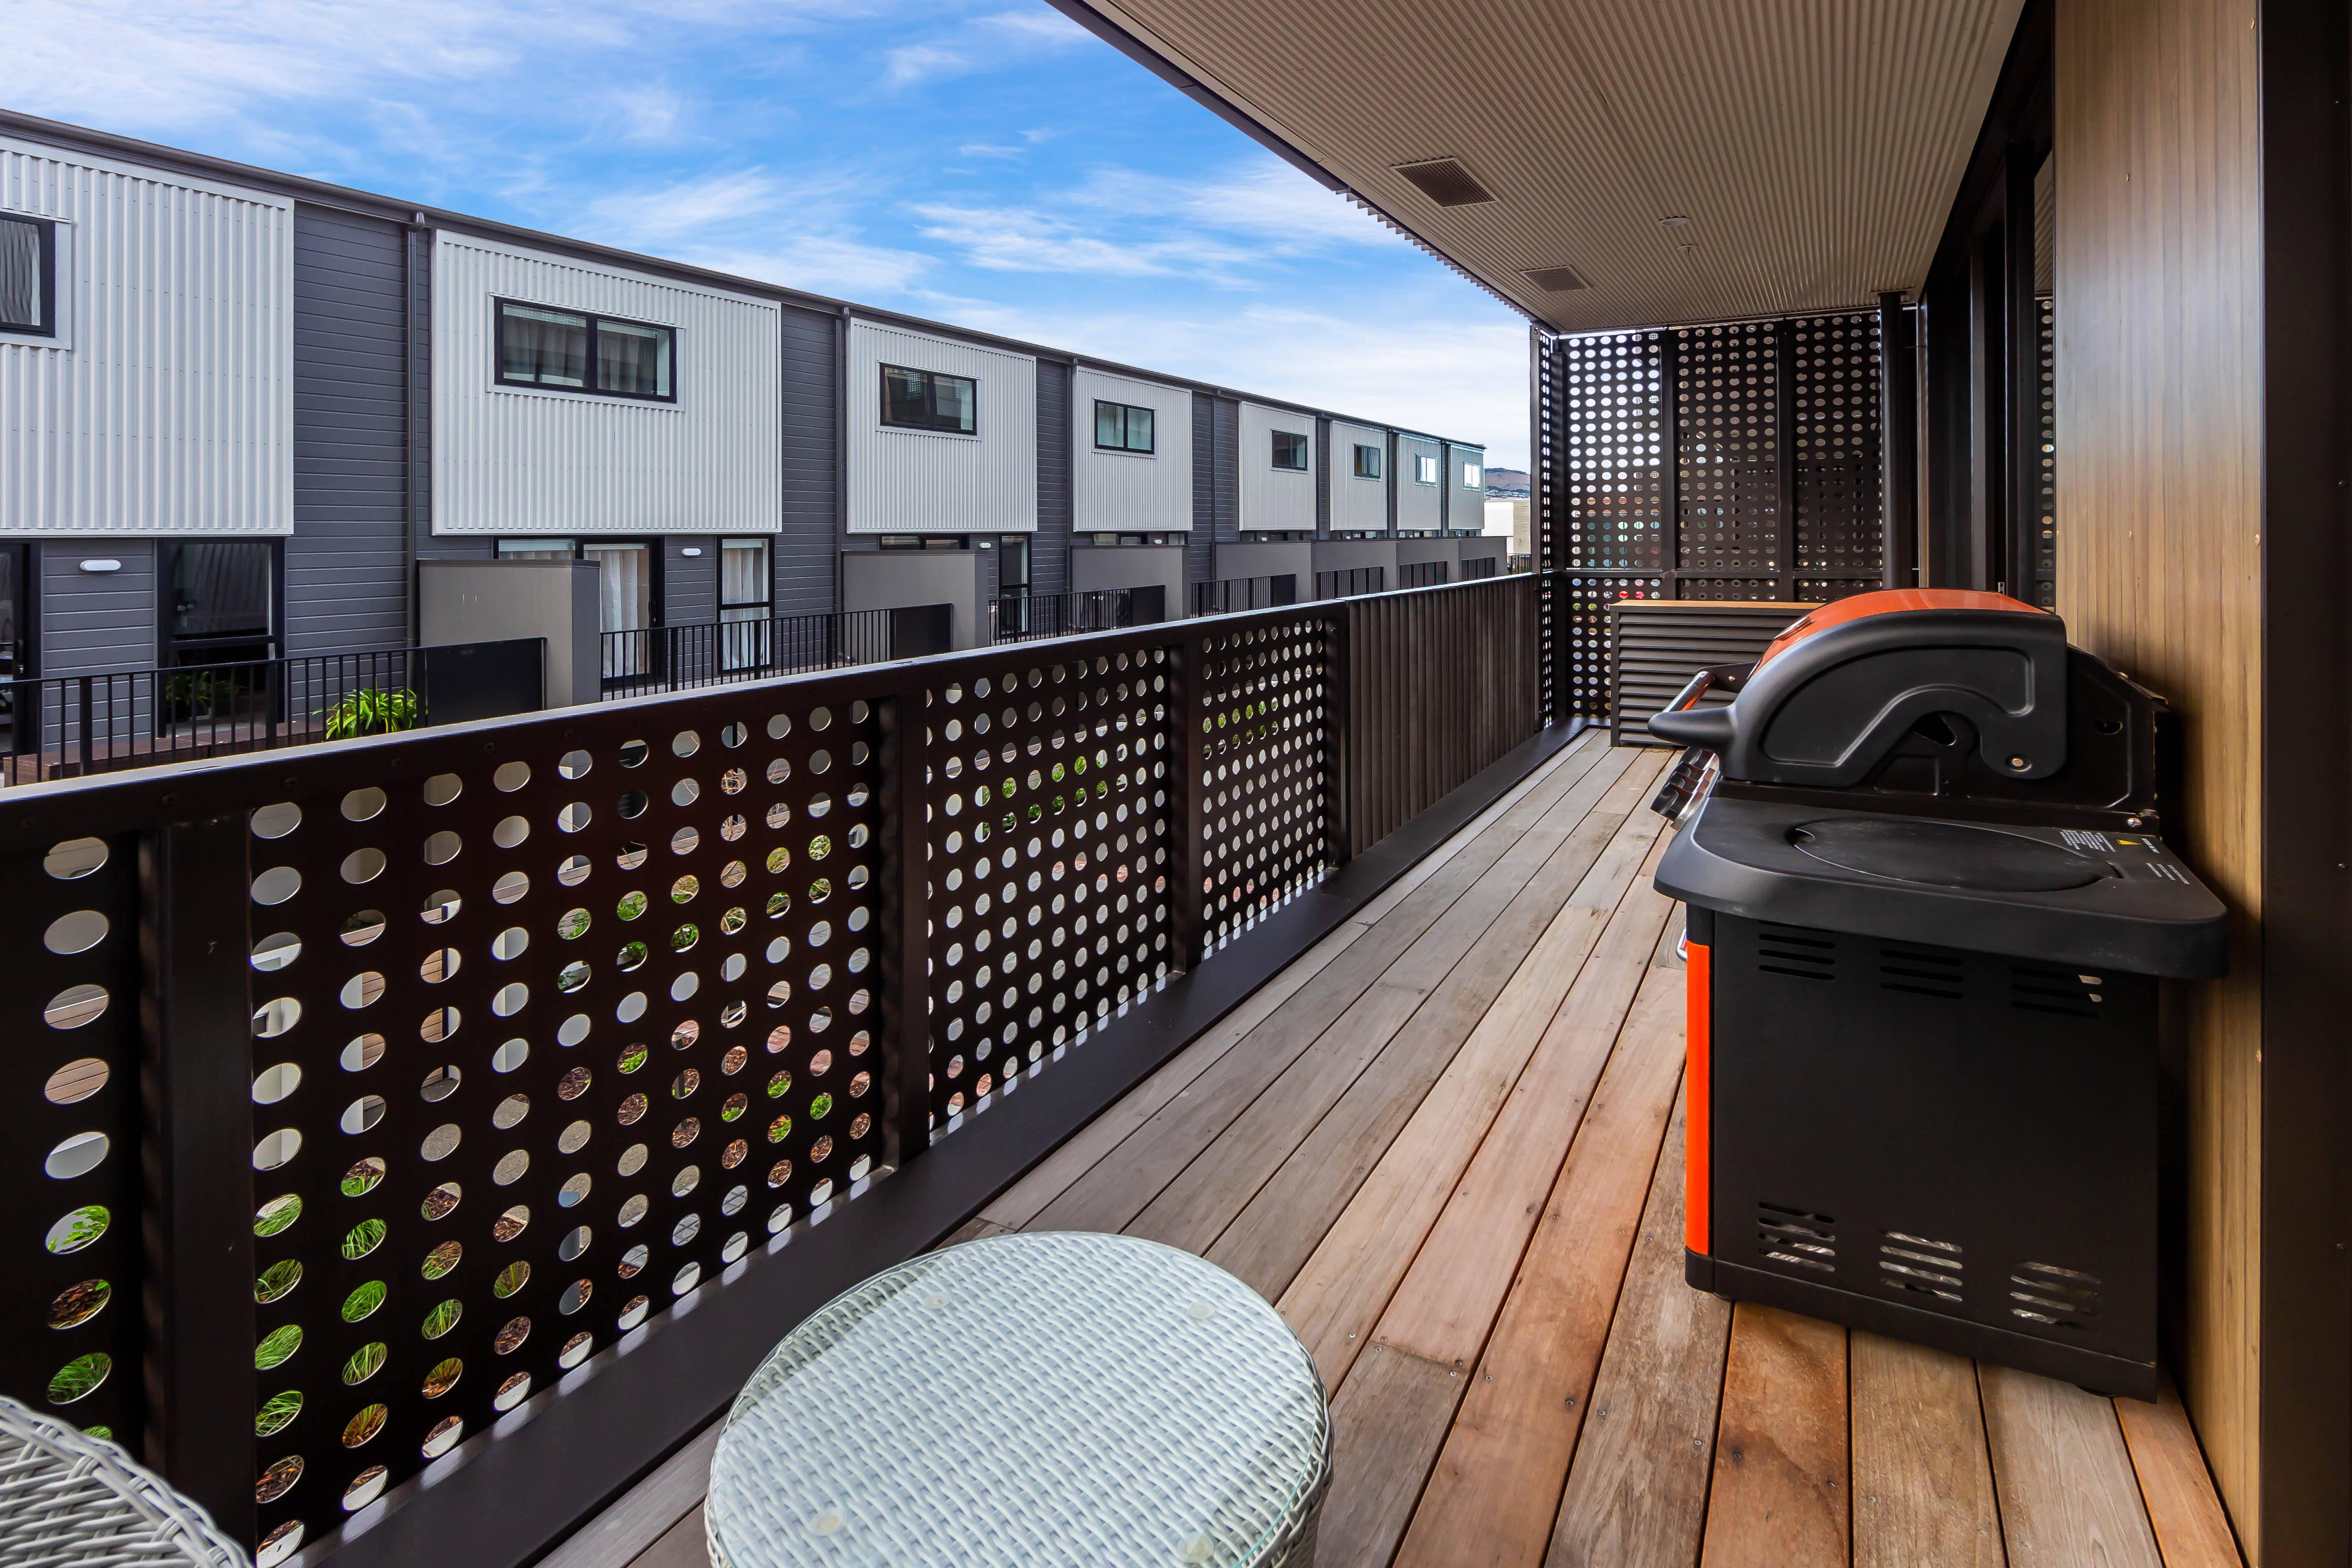 Christchurch Central 2房 集空间/地段/设计于一体   时尚2卧住宅   交通便利   舒适城市生活等您来享   欲购从速! Atlas Quarter - Stylish City Living!